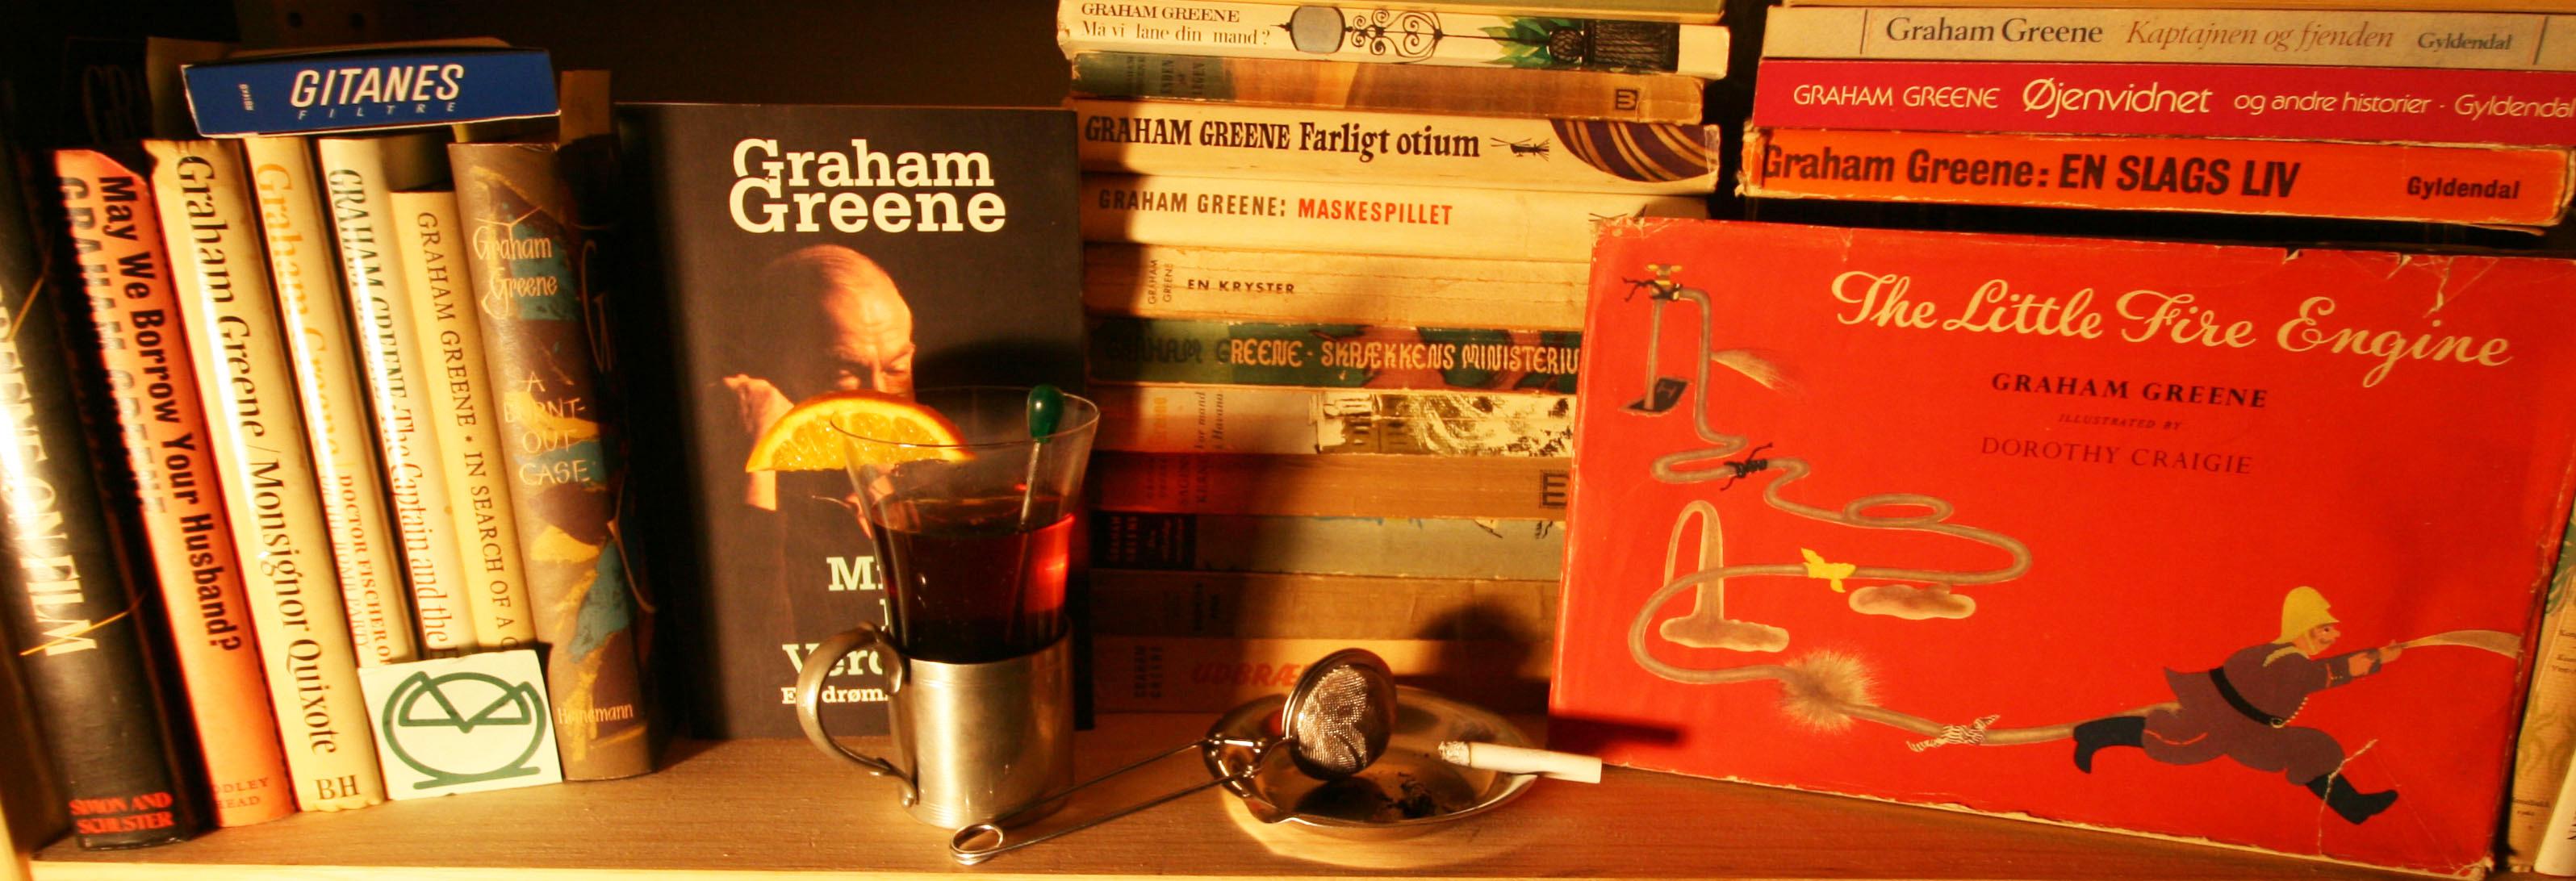 Having tea with Graham Greene, Clemens Antikvariat